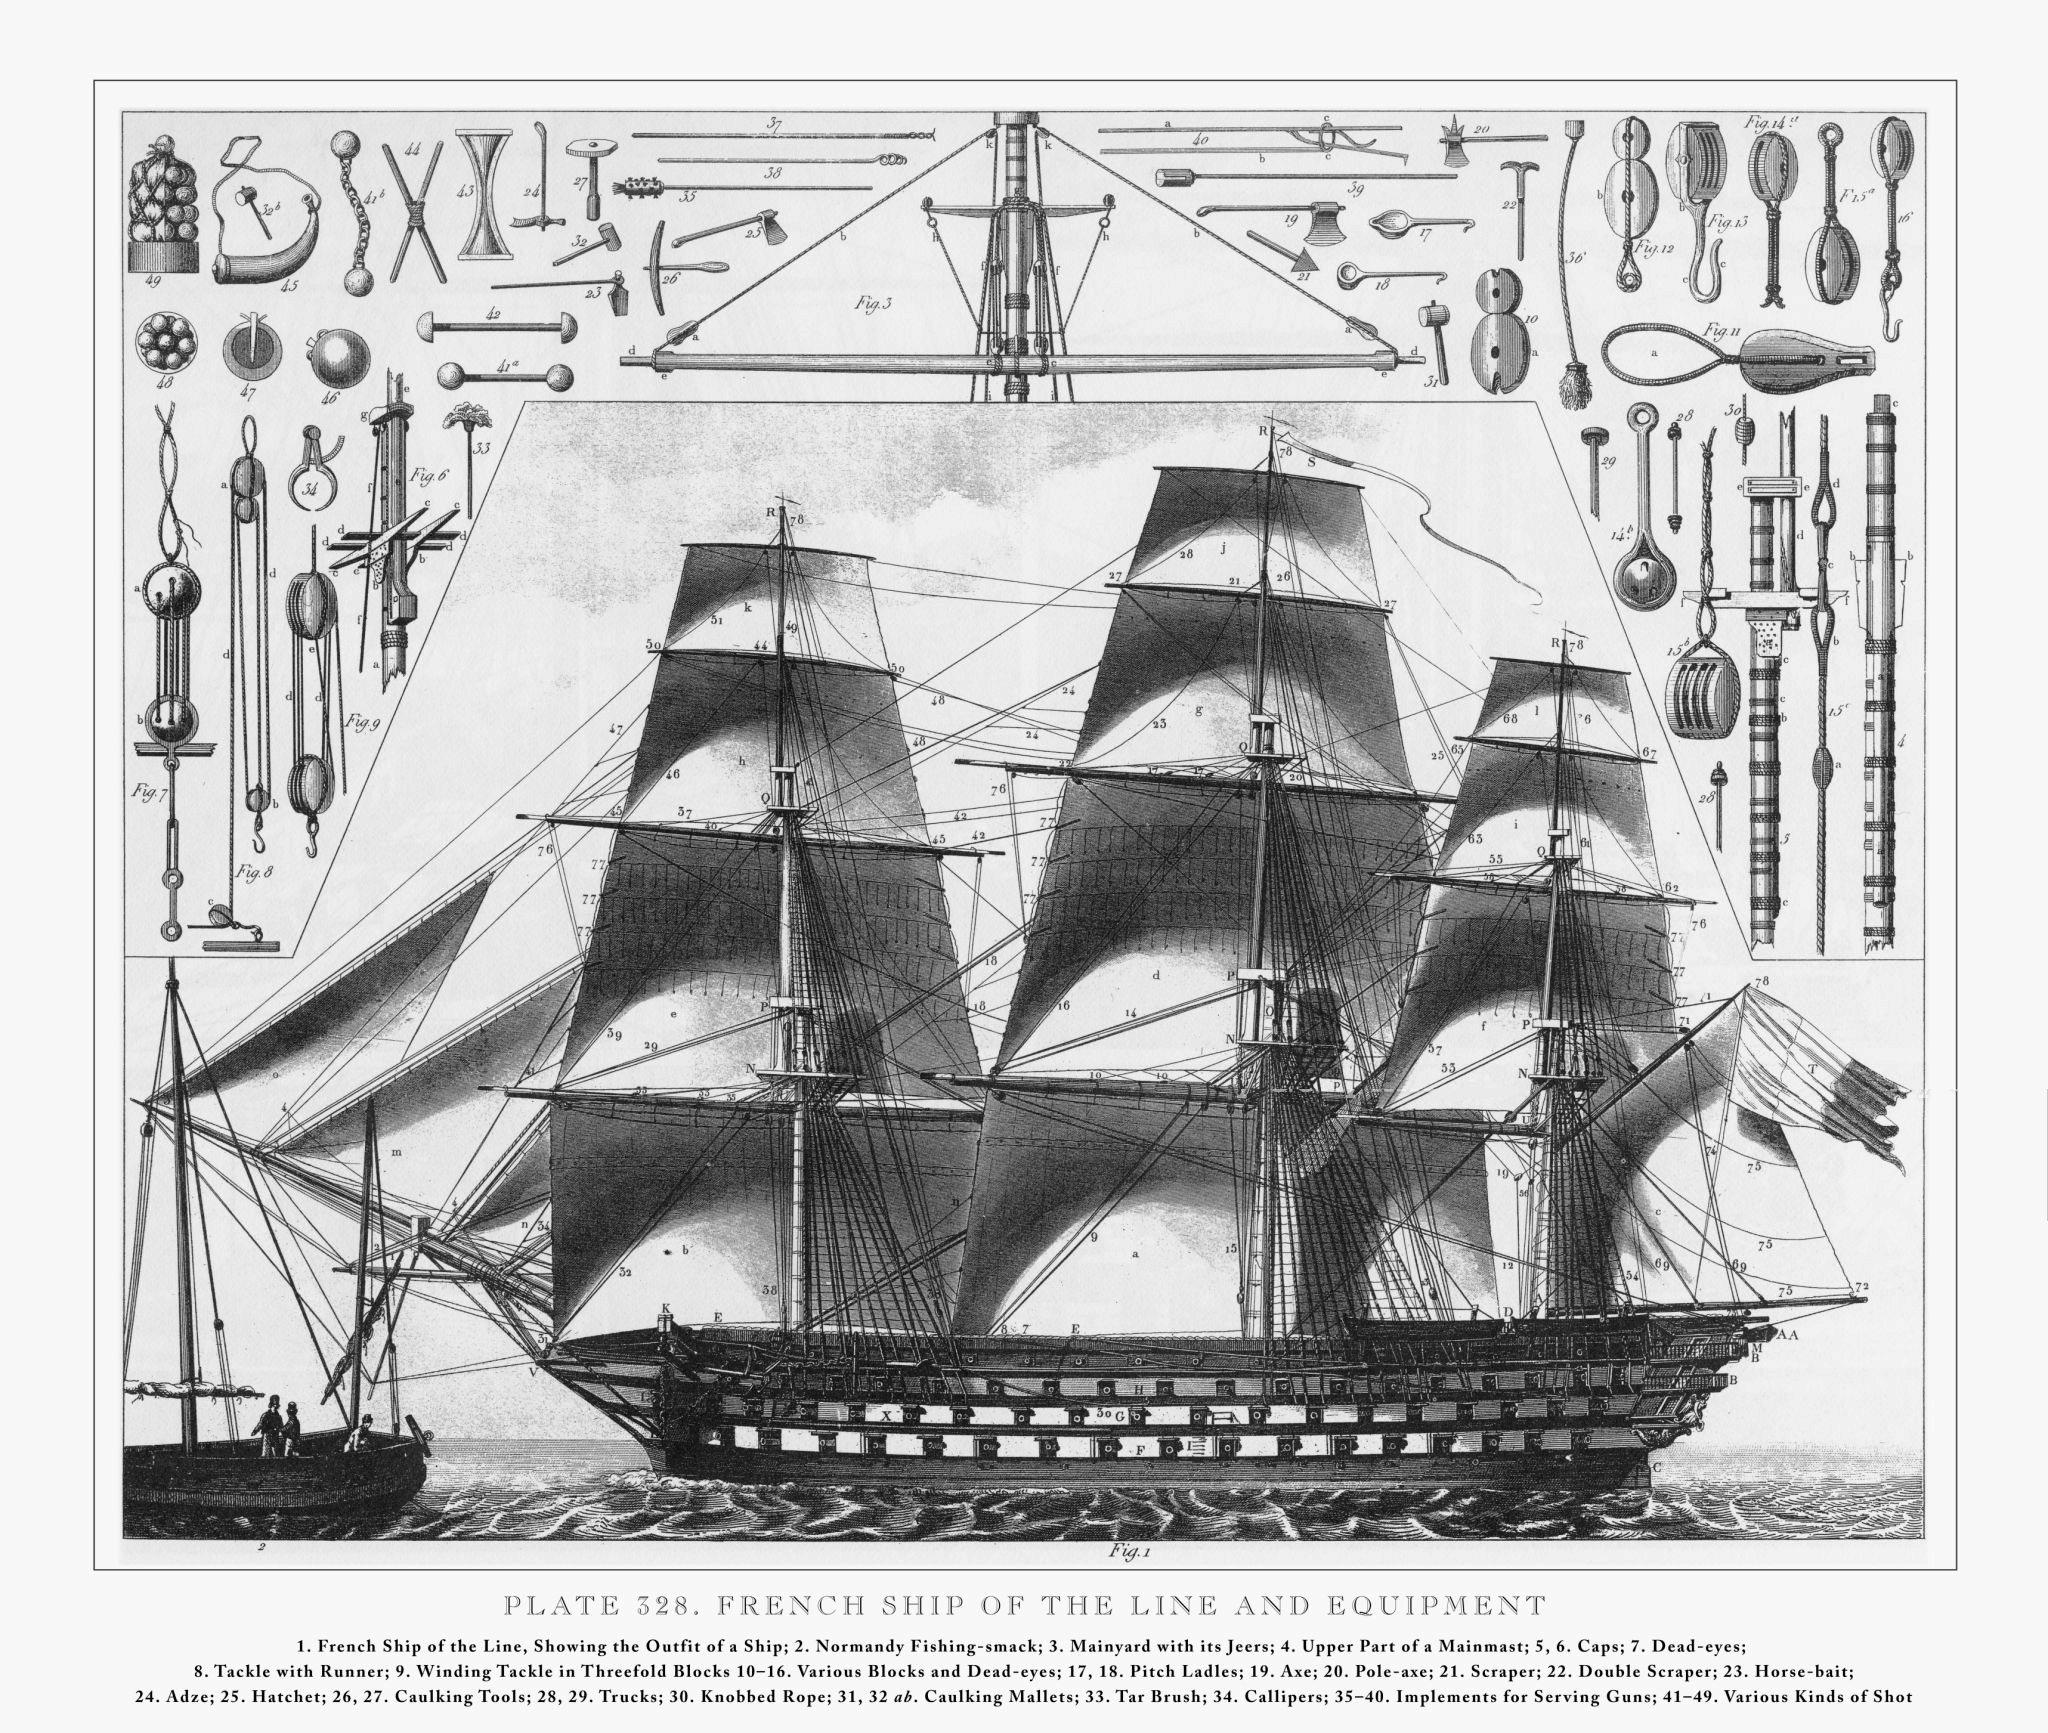 LES ÉVOLUTIONS DU SABRE D'OFFICIER DE MARINE FRANÇAIS DE 1837 À NOS JOURS - Page 6 Istock11